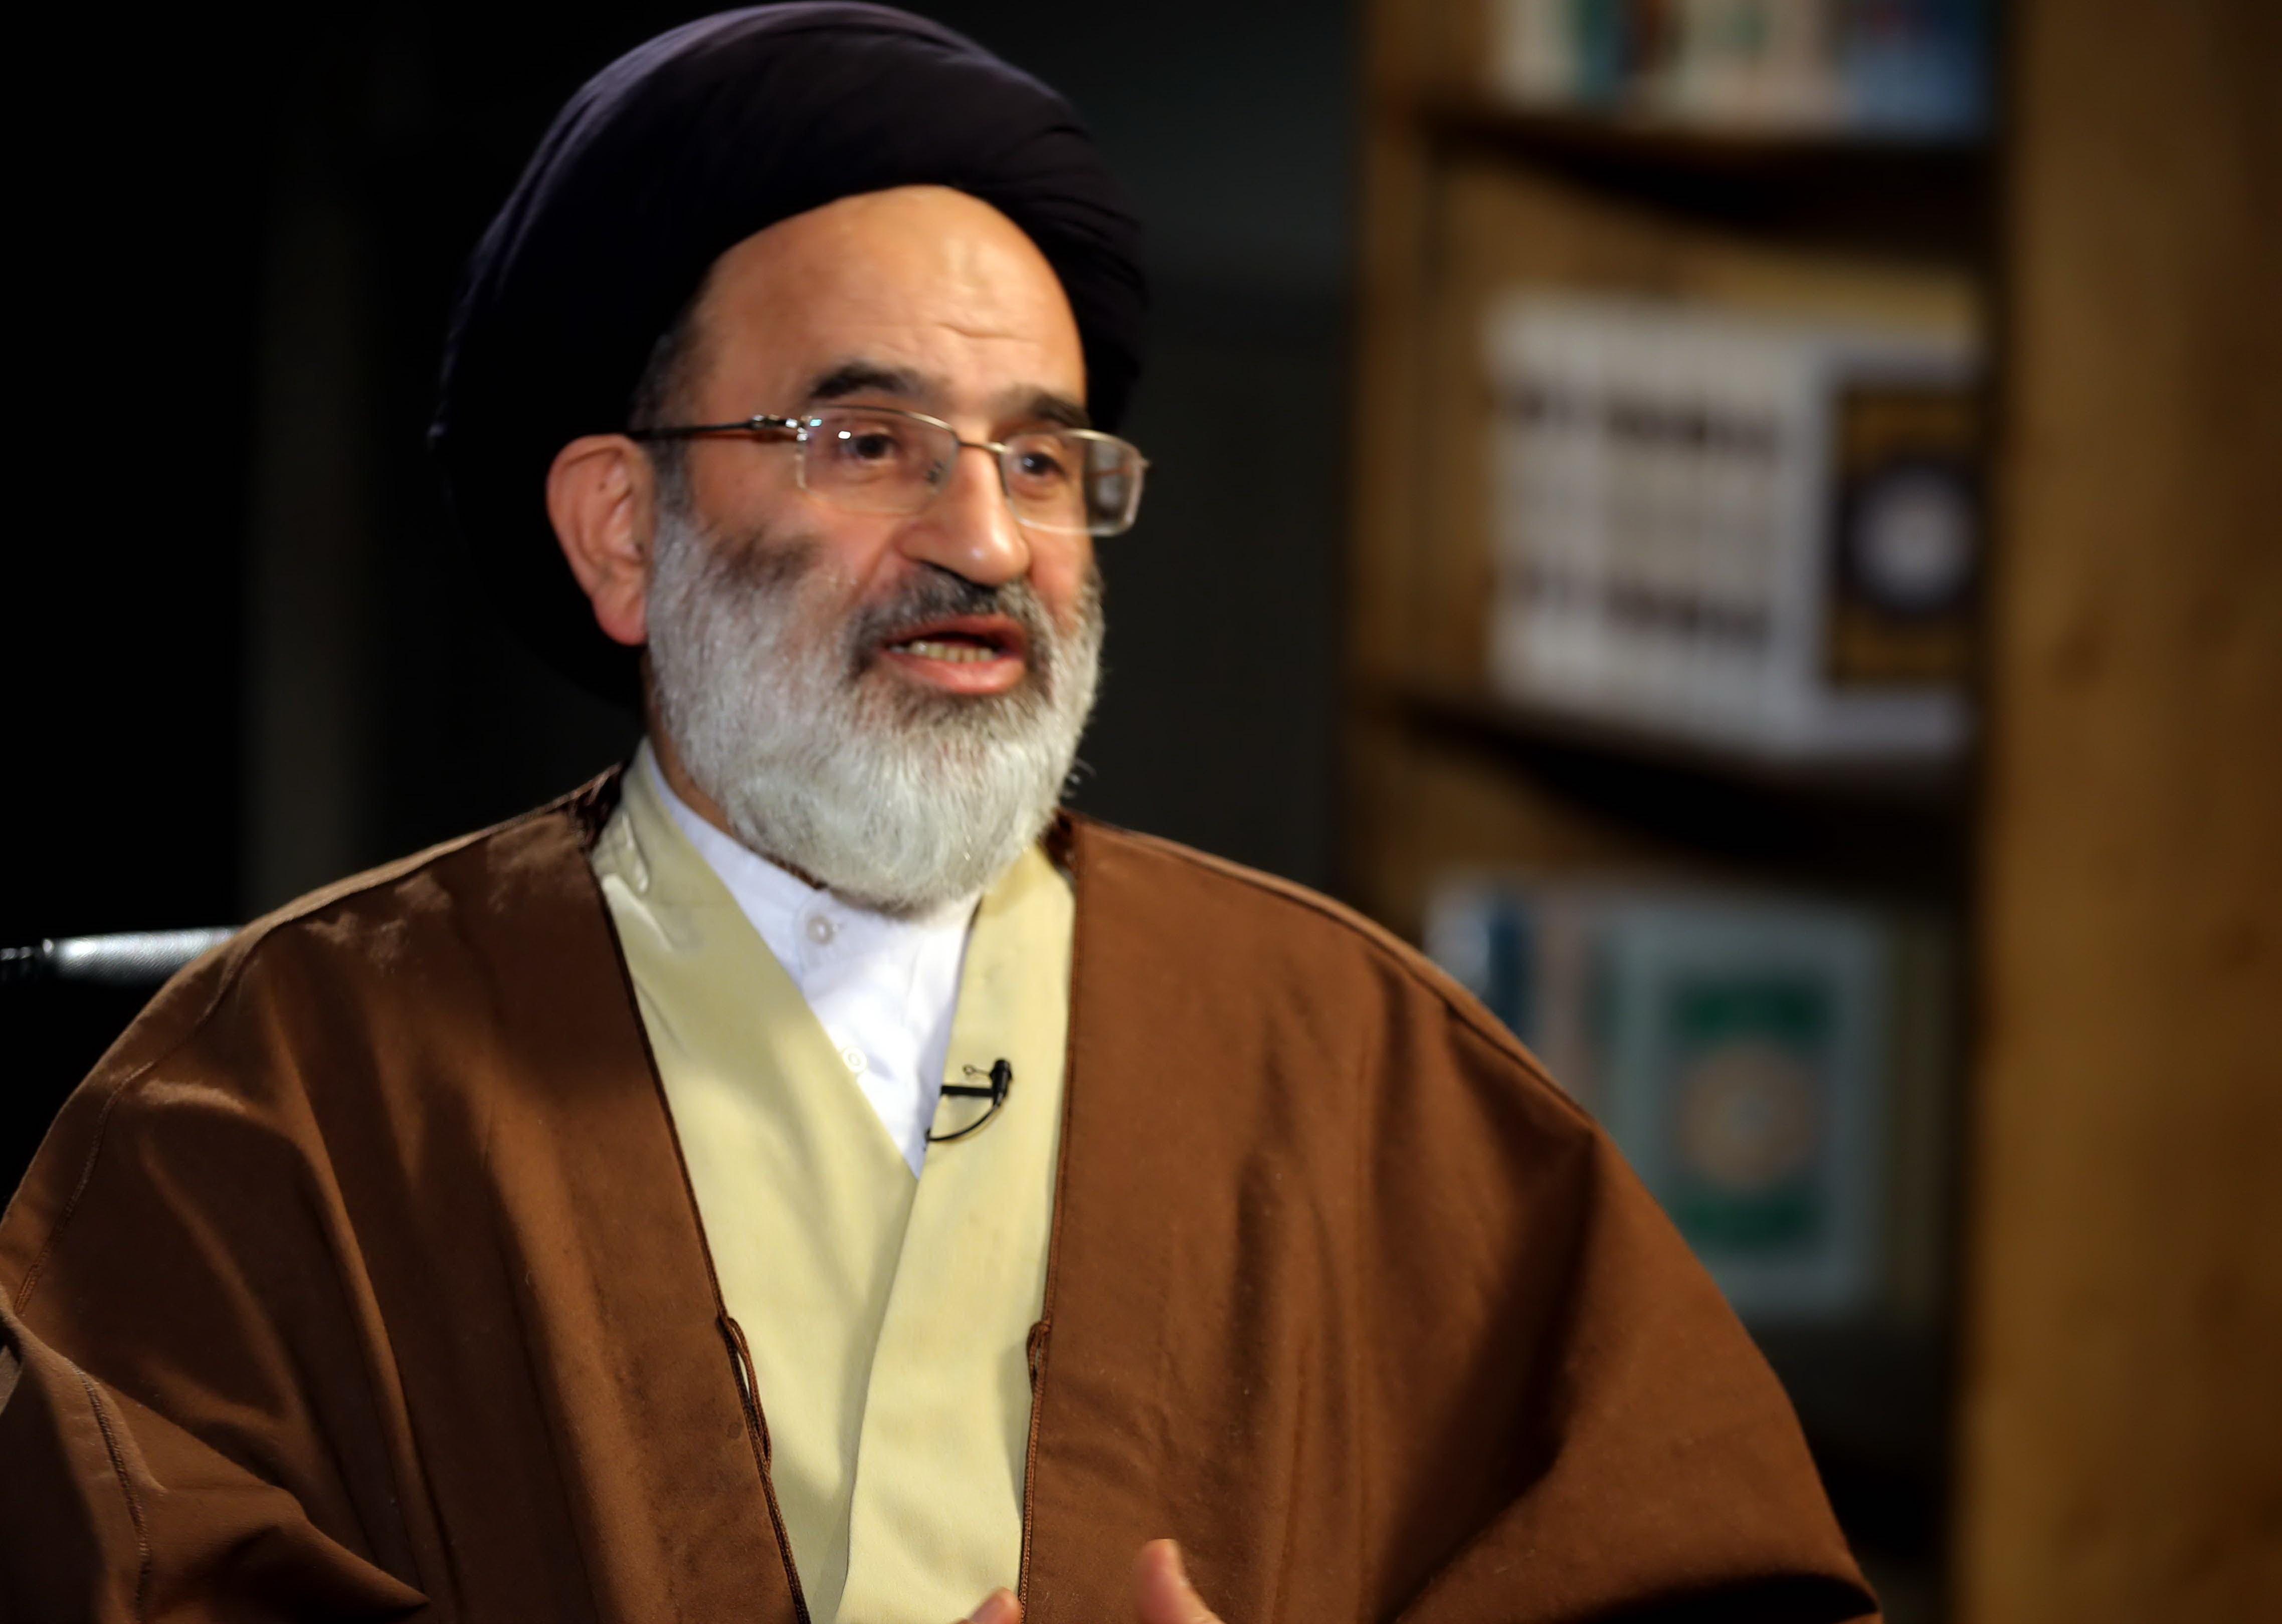 حجت الاسلام تقوی از سختی های کنترل آخرین نمازجمعه هاشمی و گلایه های ناطق نوری می گوید